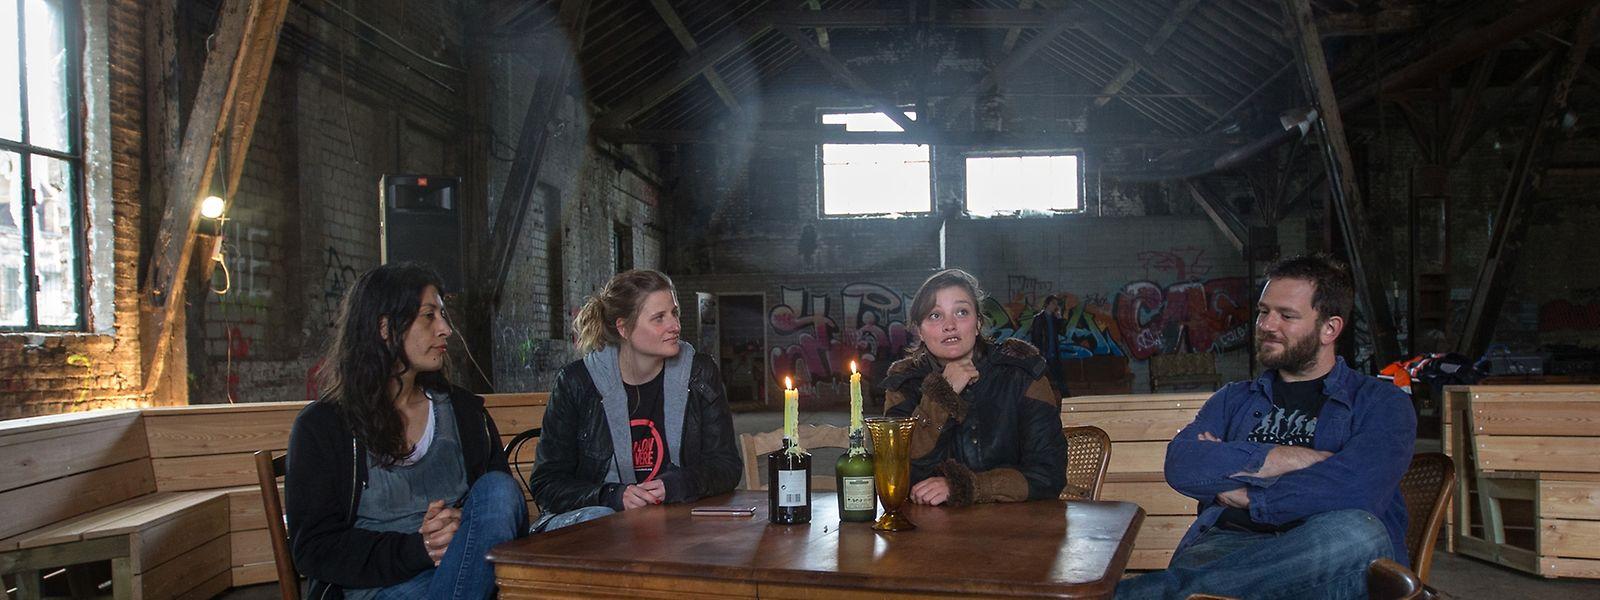 Justine Blau, Marlène Kreins, Nora Wagner und Misch Feinen laden zum Austausch in ihr neues kreatives Zuhause nach Düdelingen ein.